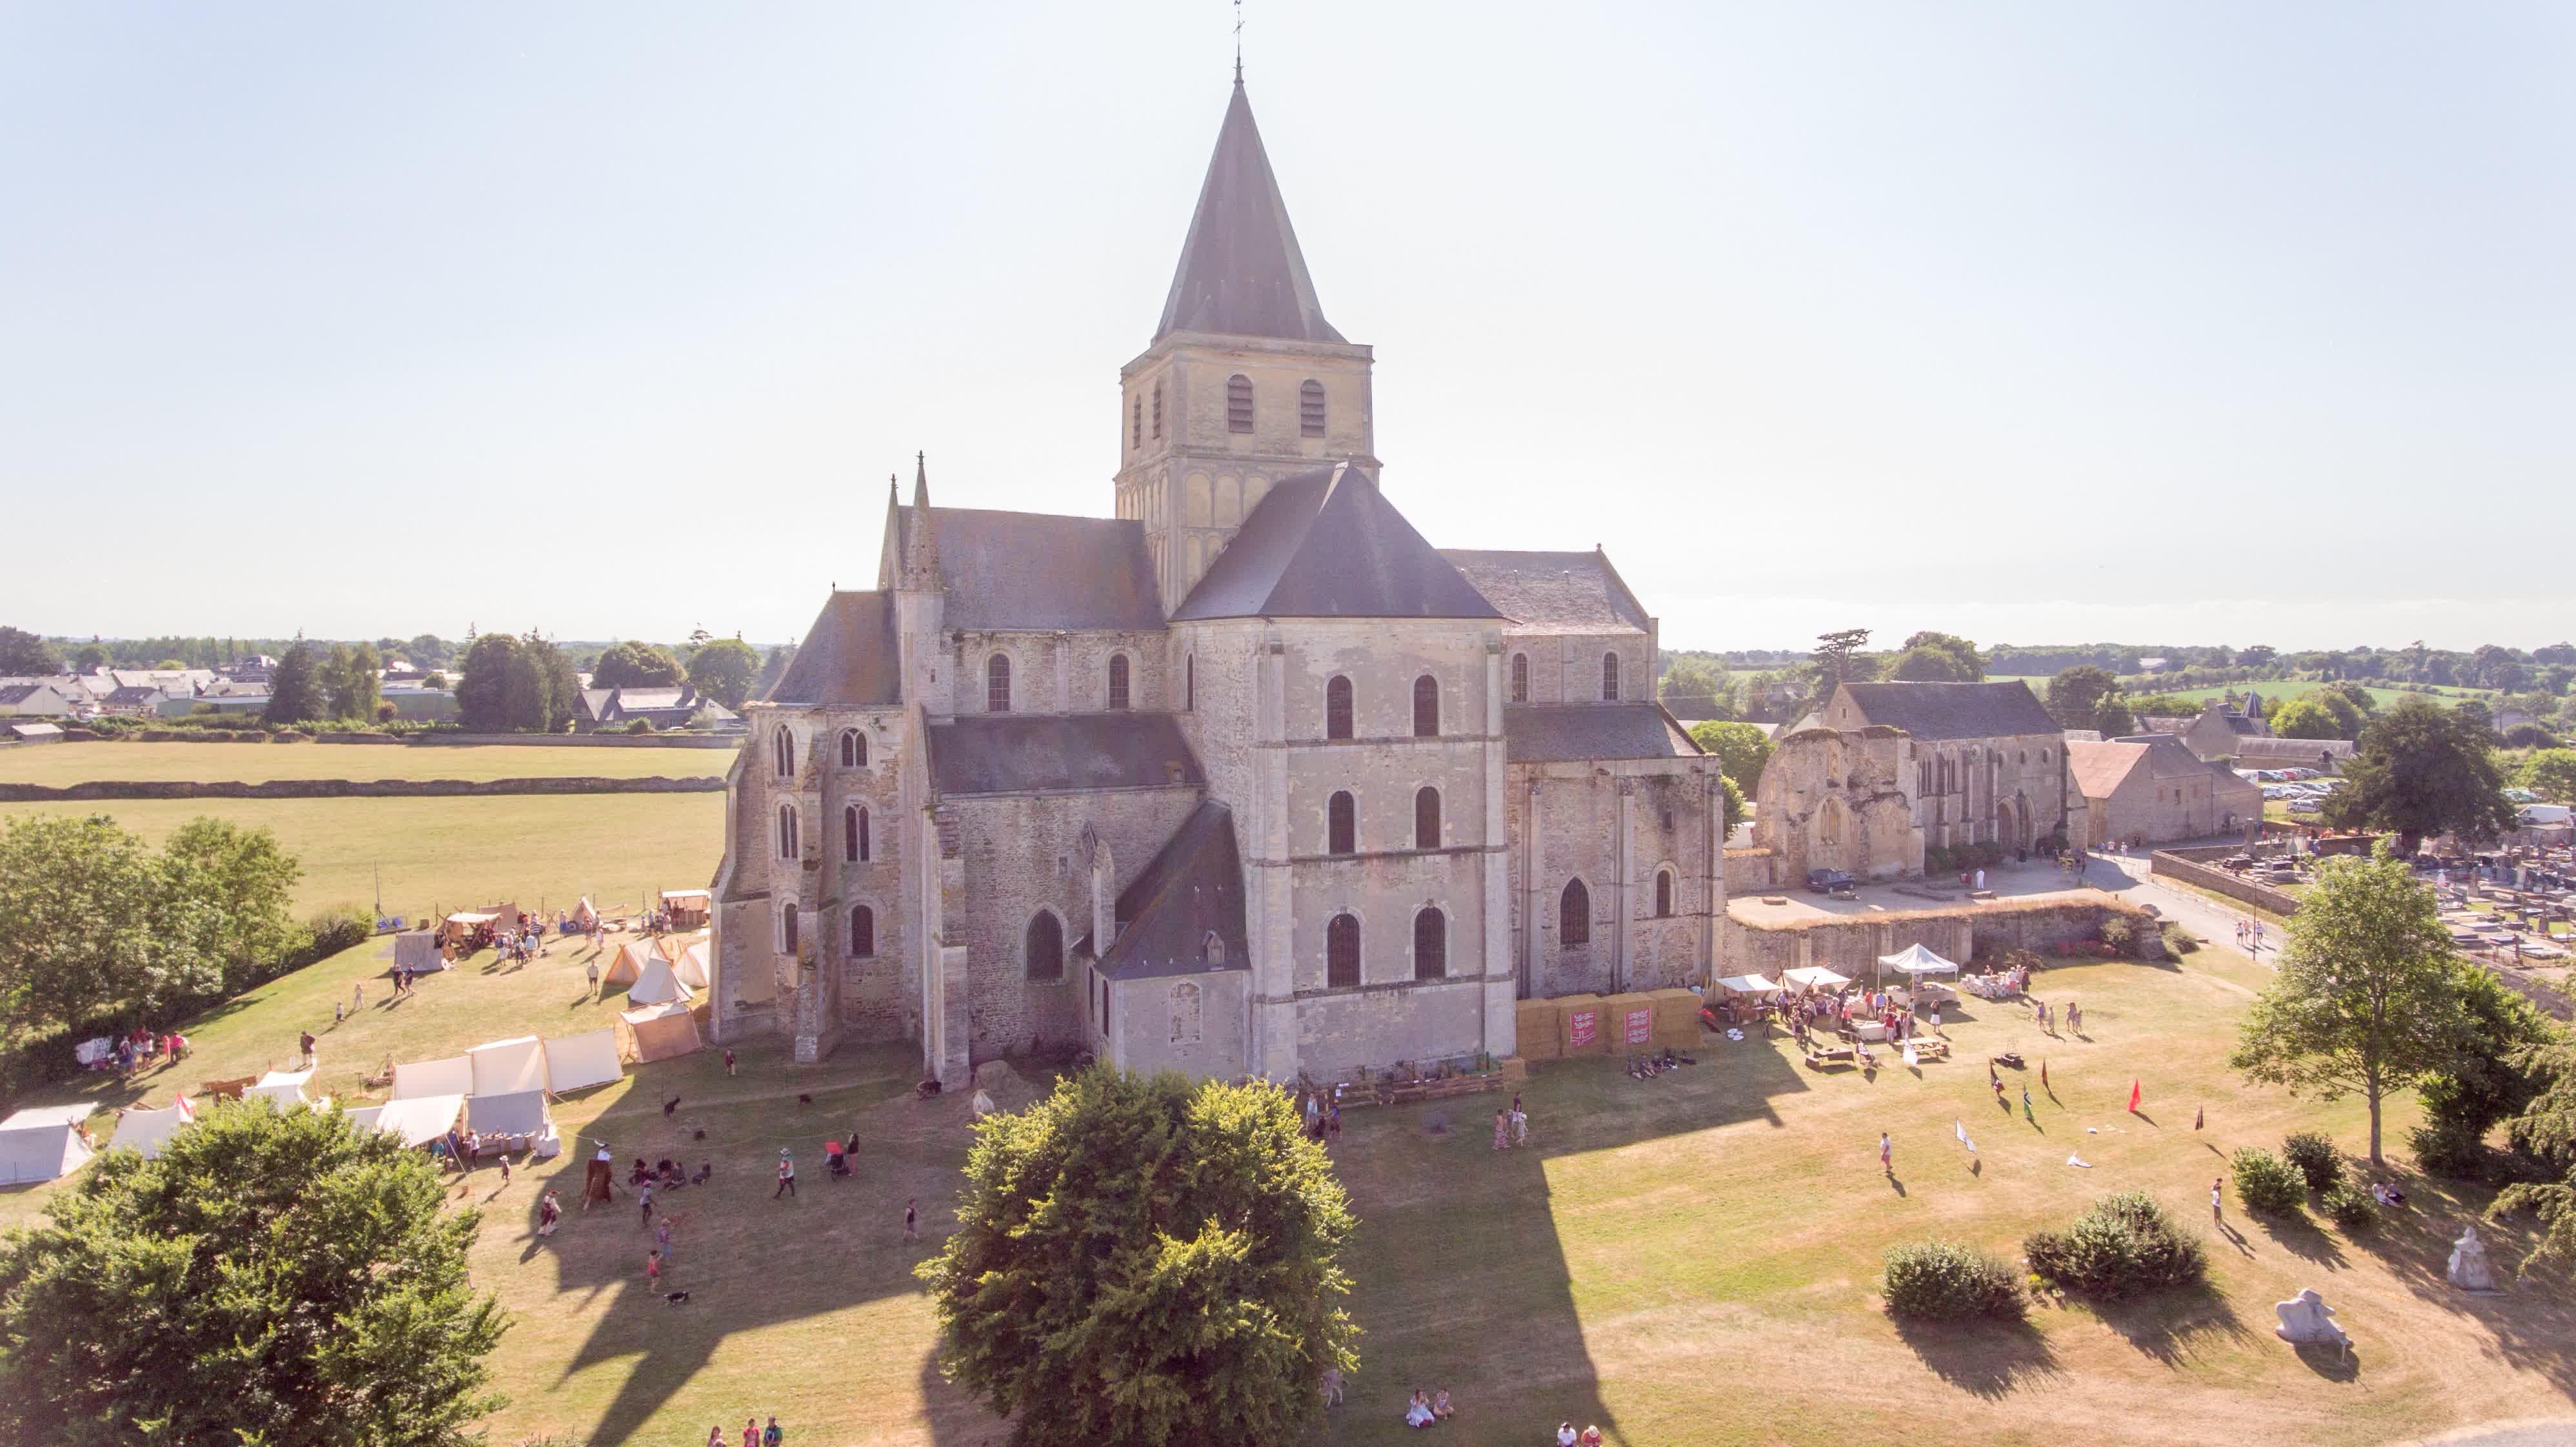 Saint-lô Tourisme